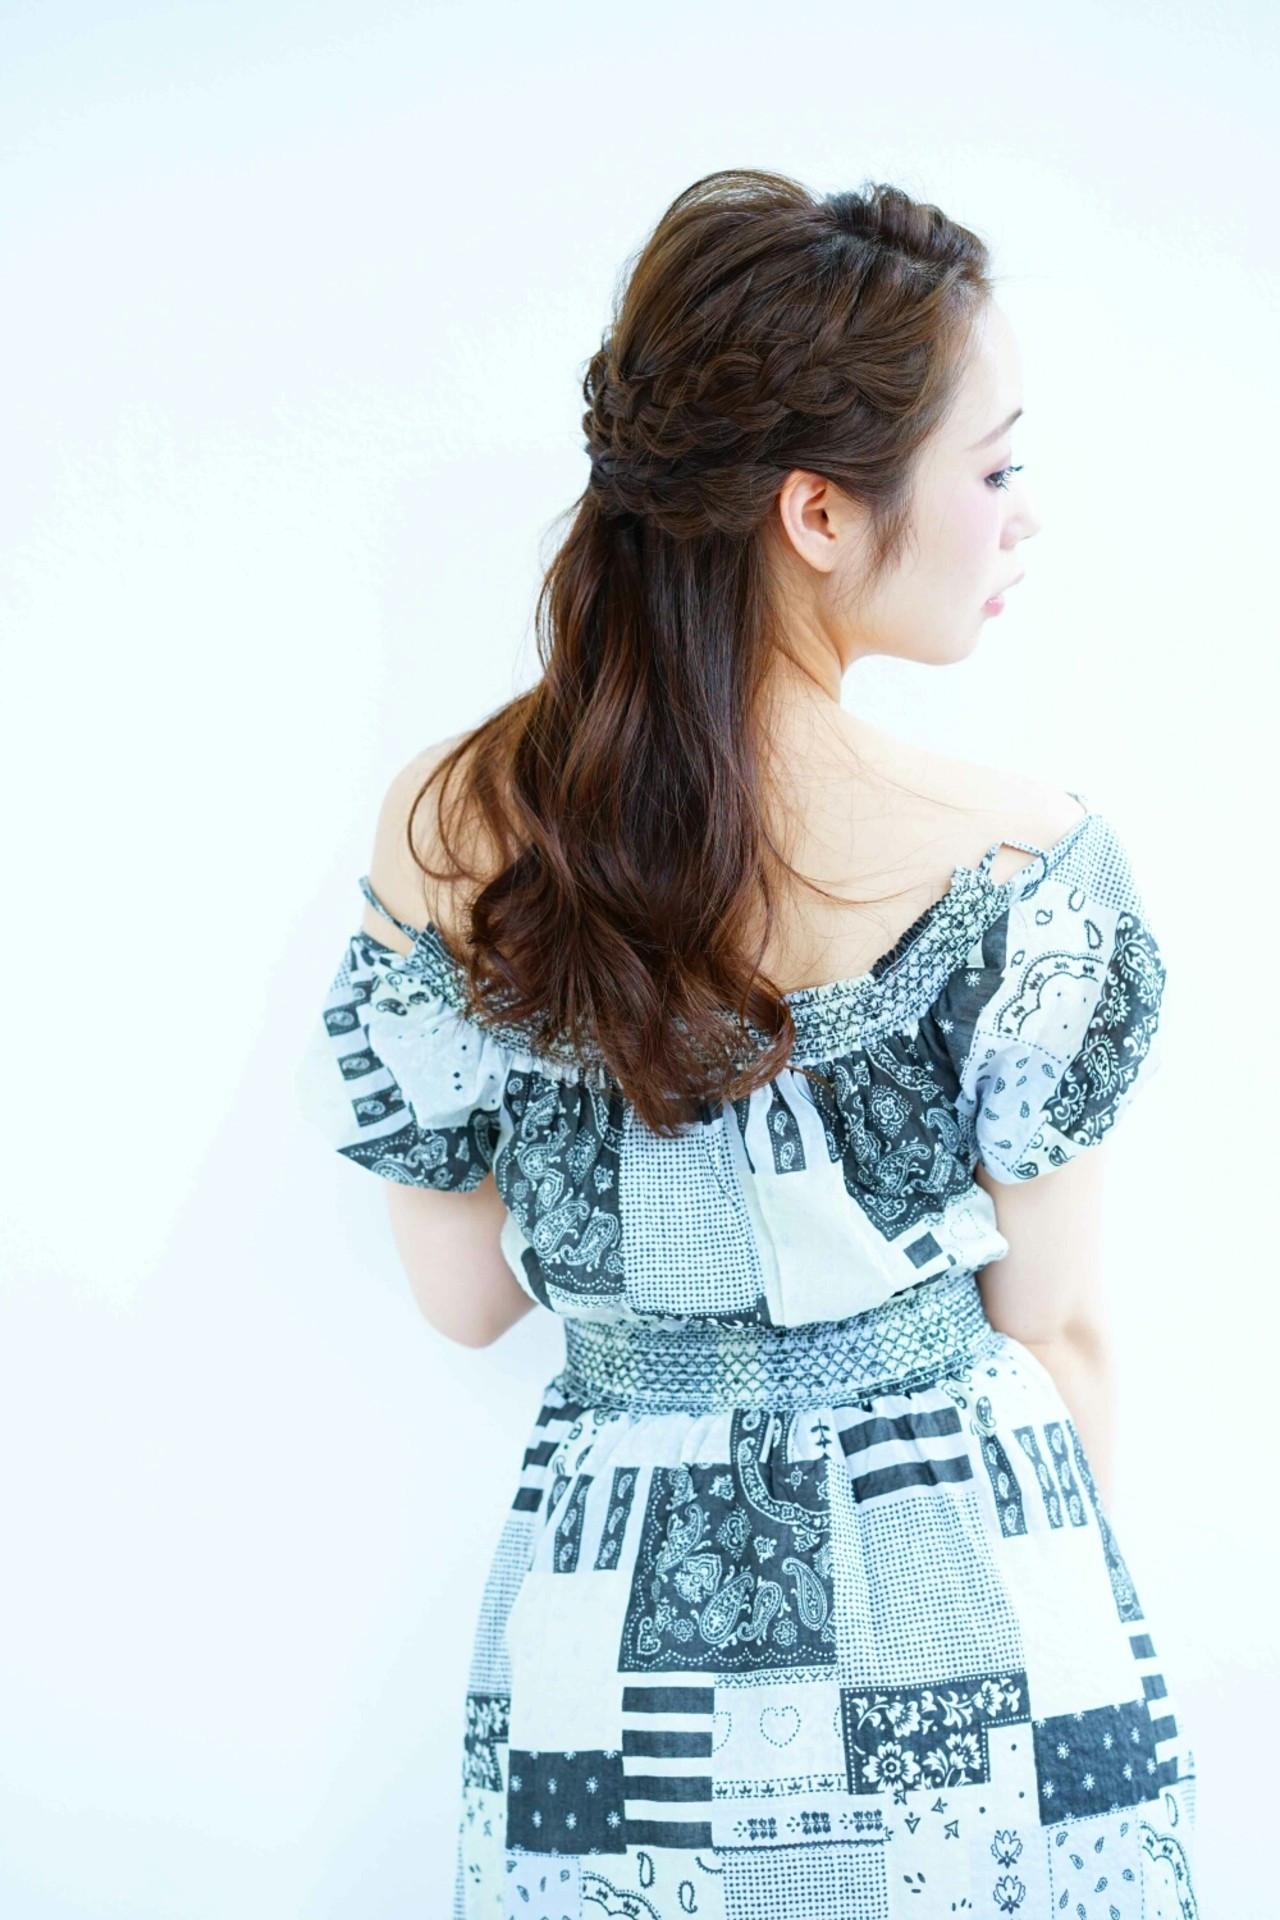 【簡単】可愛さ無限大な三つ編みヘアアレンジでこなれヘアに♡ Ciel Hairdesign 代表 今田 亮